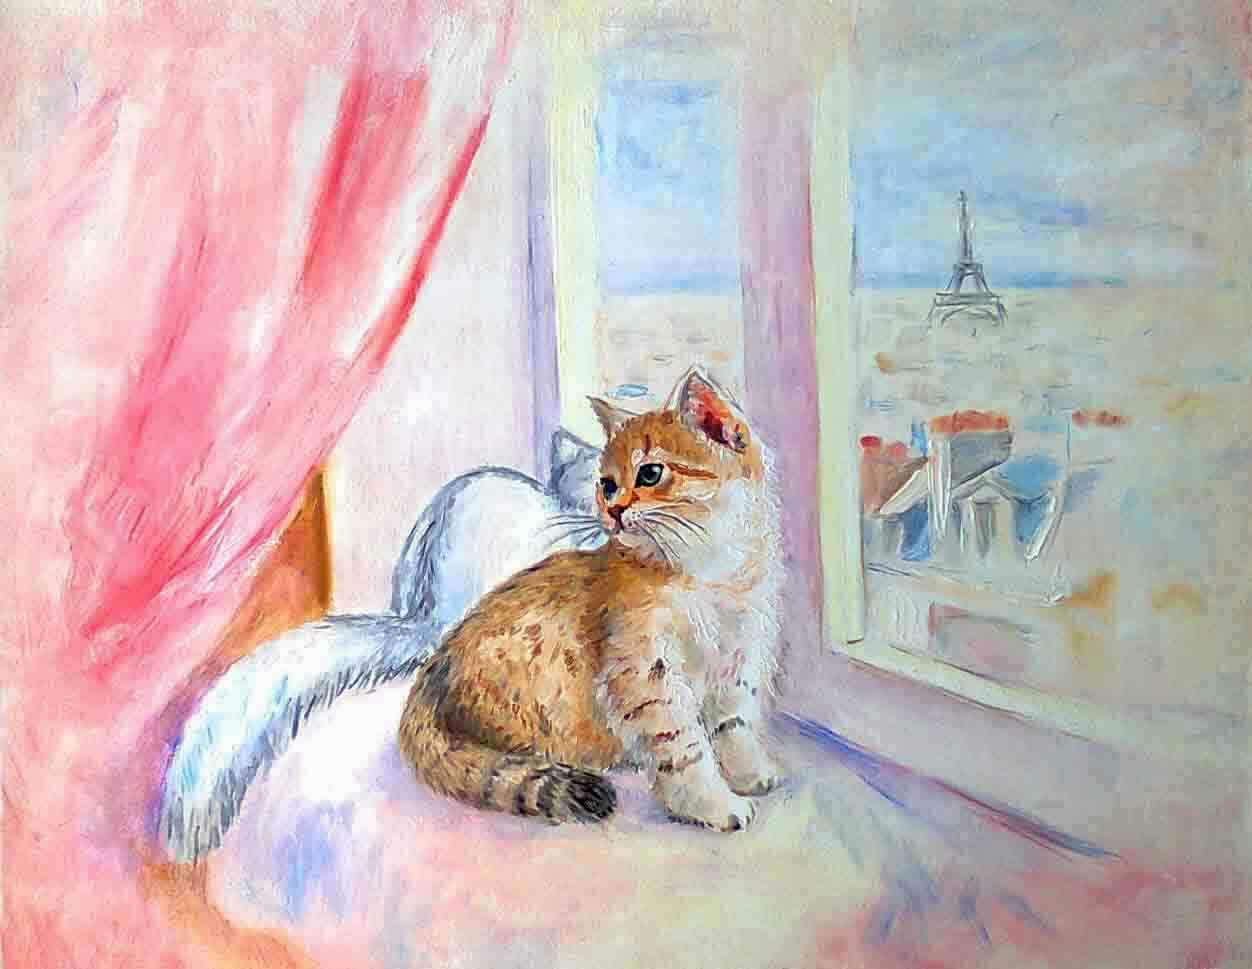 картина маслом рыжий и белый котенок на окне с розовой шторой и с Эйфелевой башней за окном